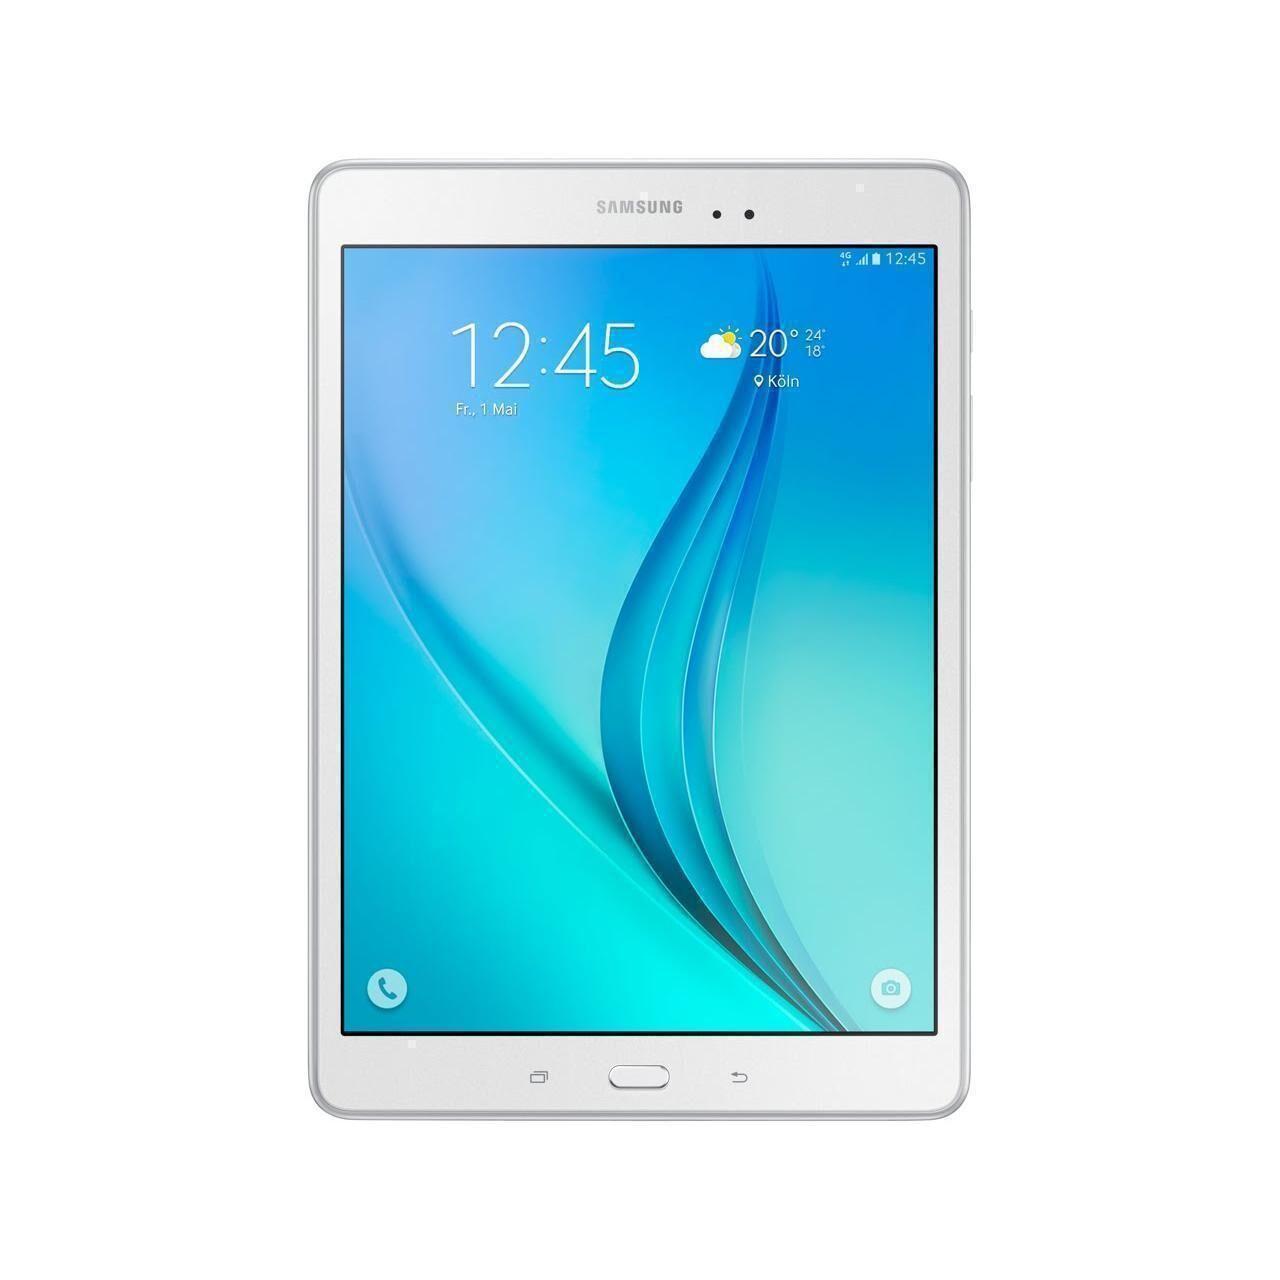 Samsung Galaxy Tab S2 8.0 32 GB Blanco